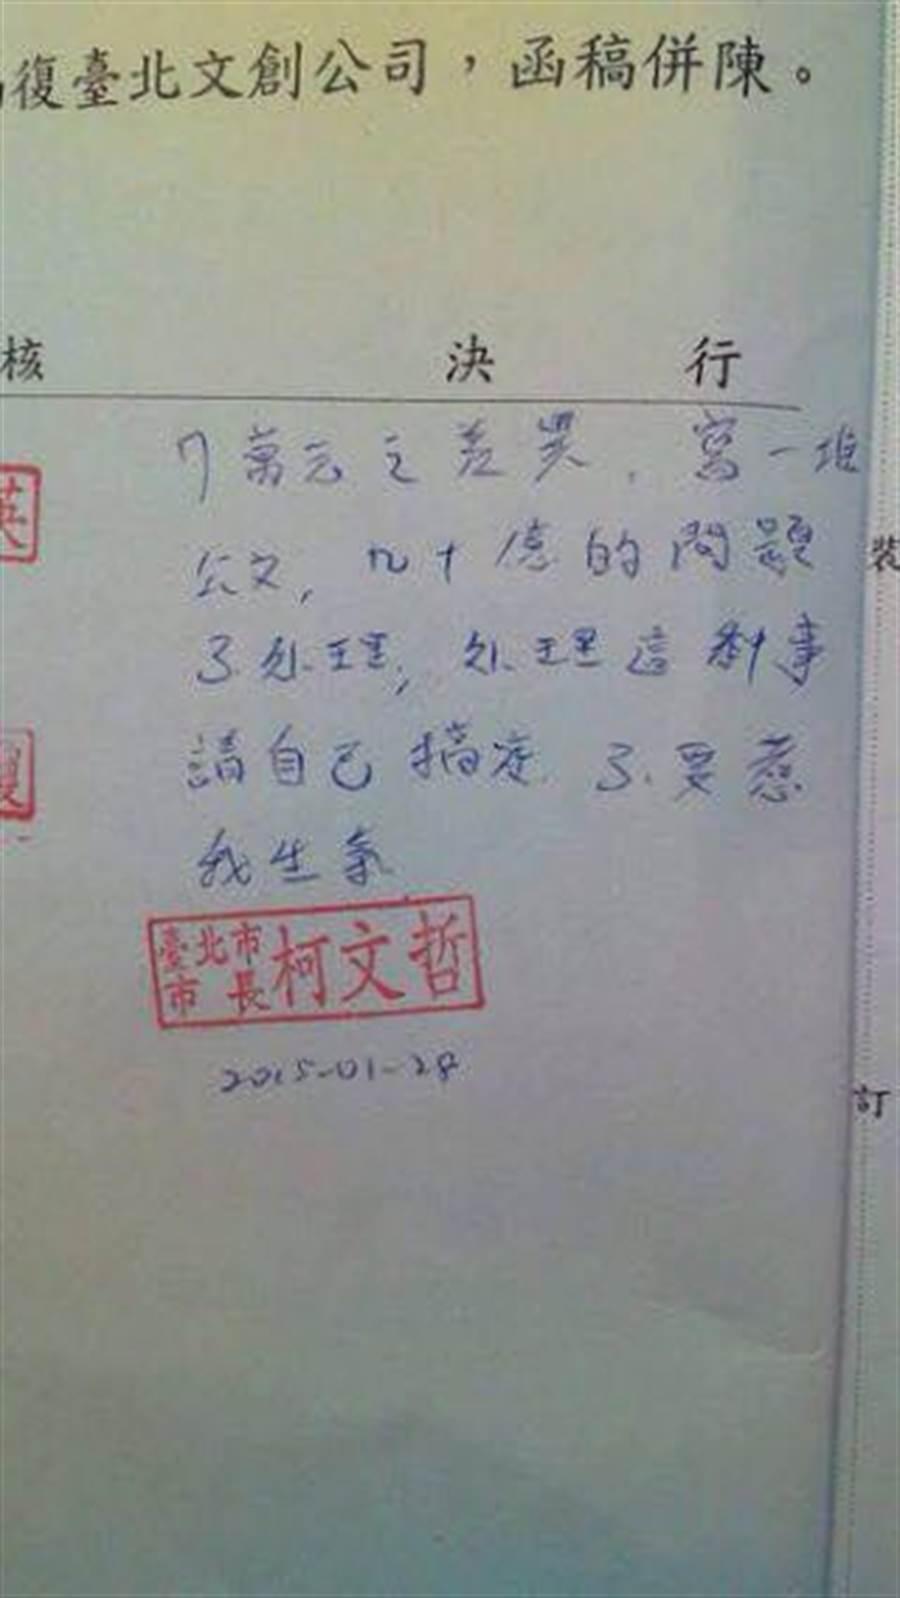 北市議員游淑慧在臉書貼出一紙公文,意外揭露柯文哲字跡,引起網友熱議。(圖擷自游淑慧臉書)